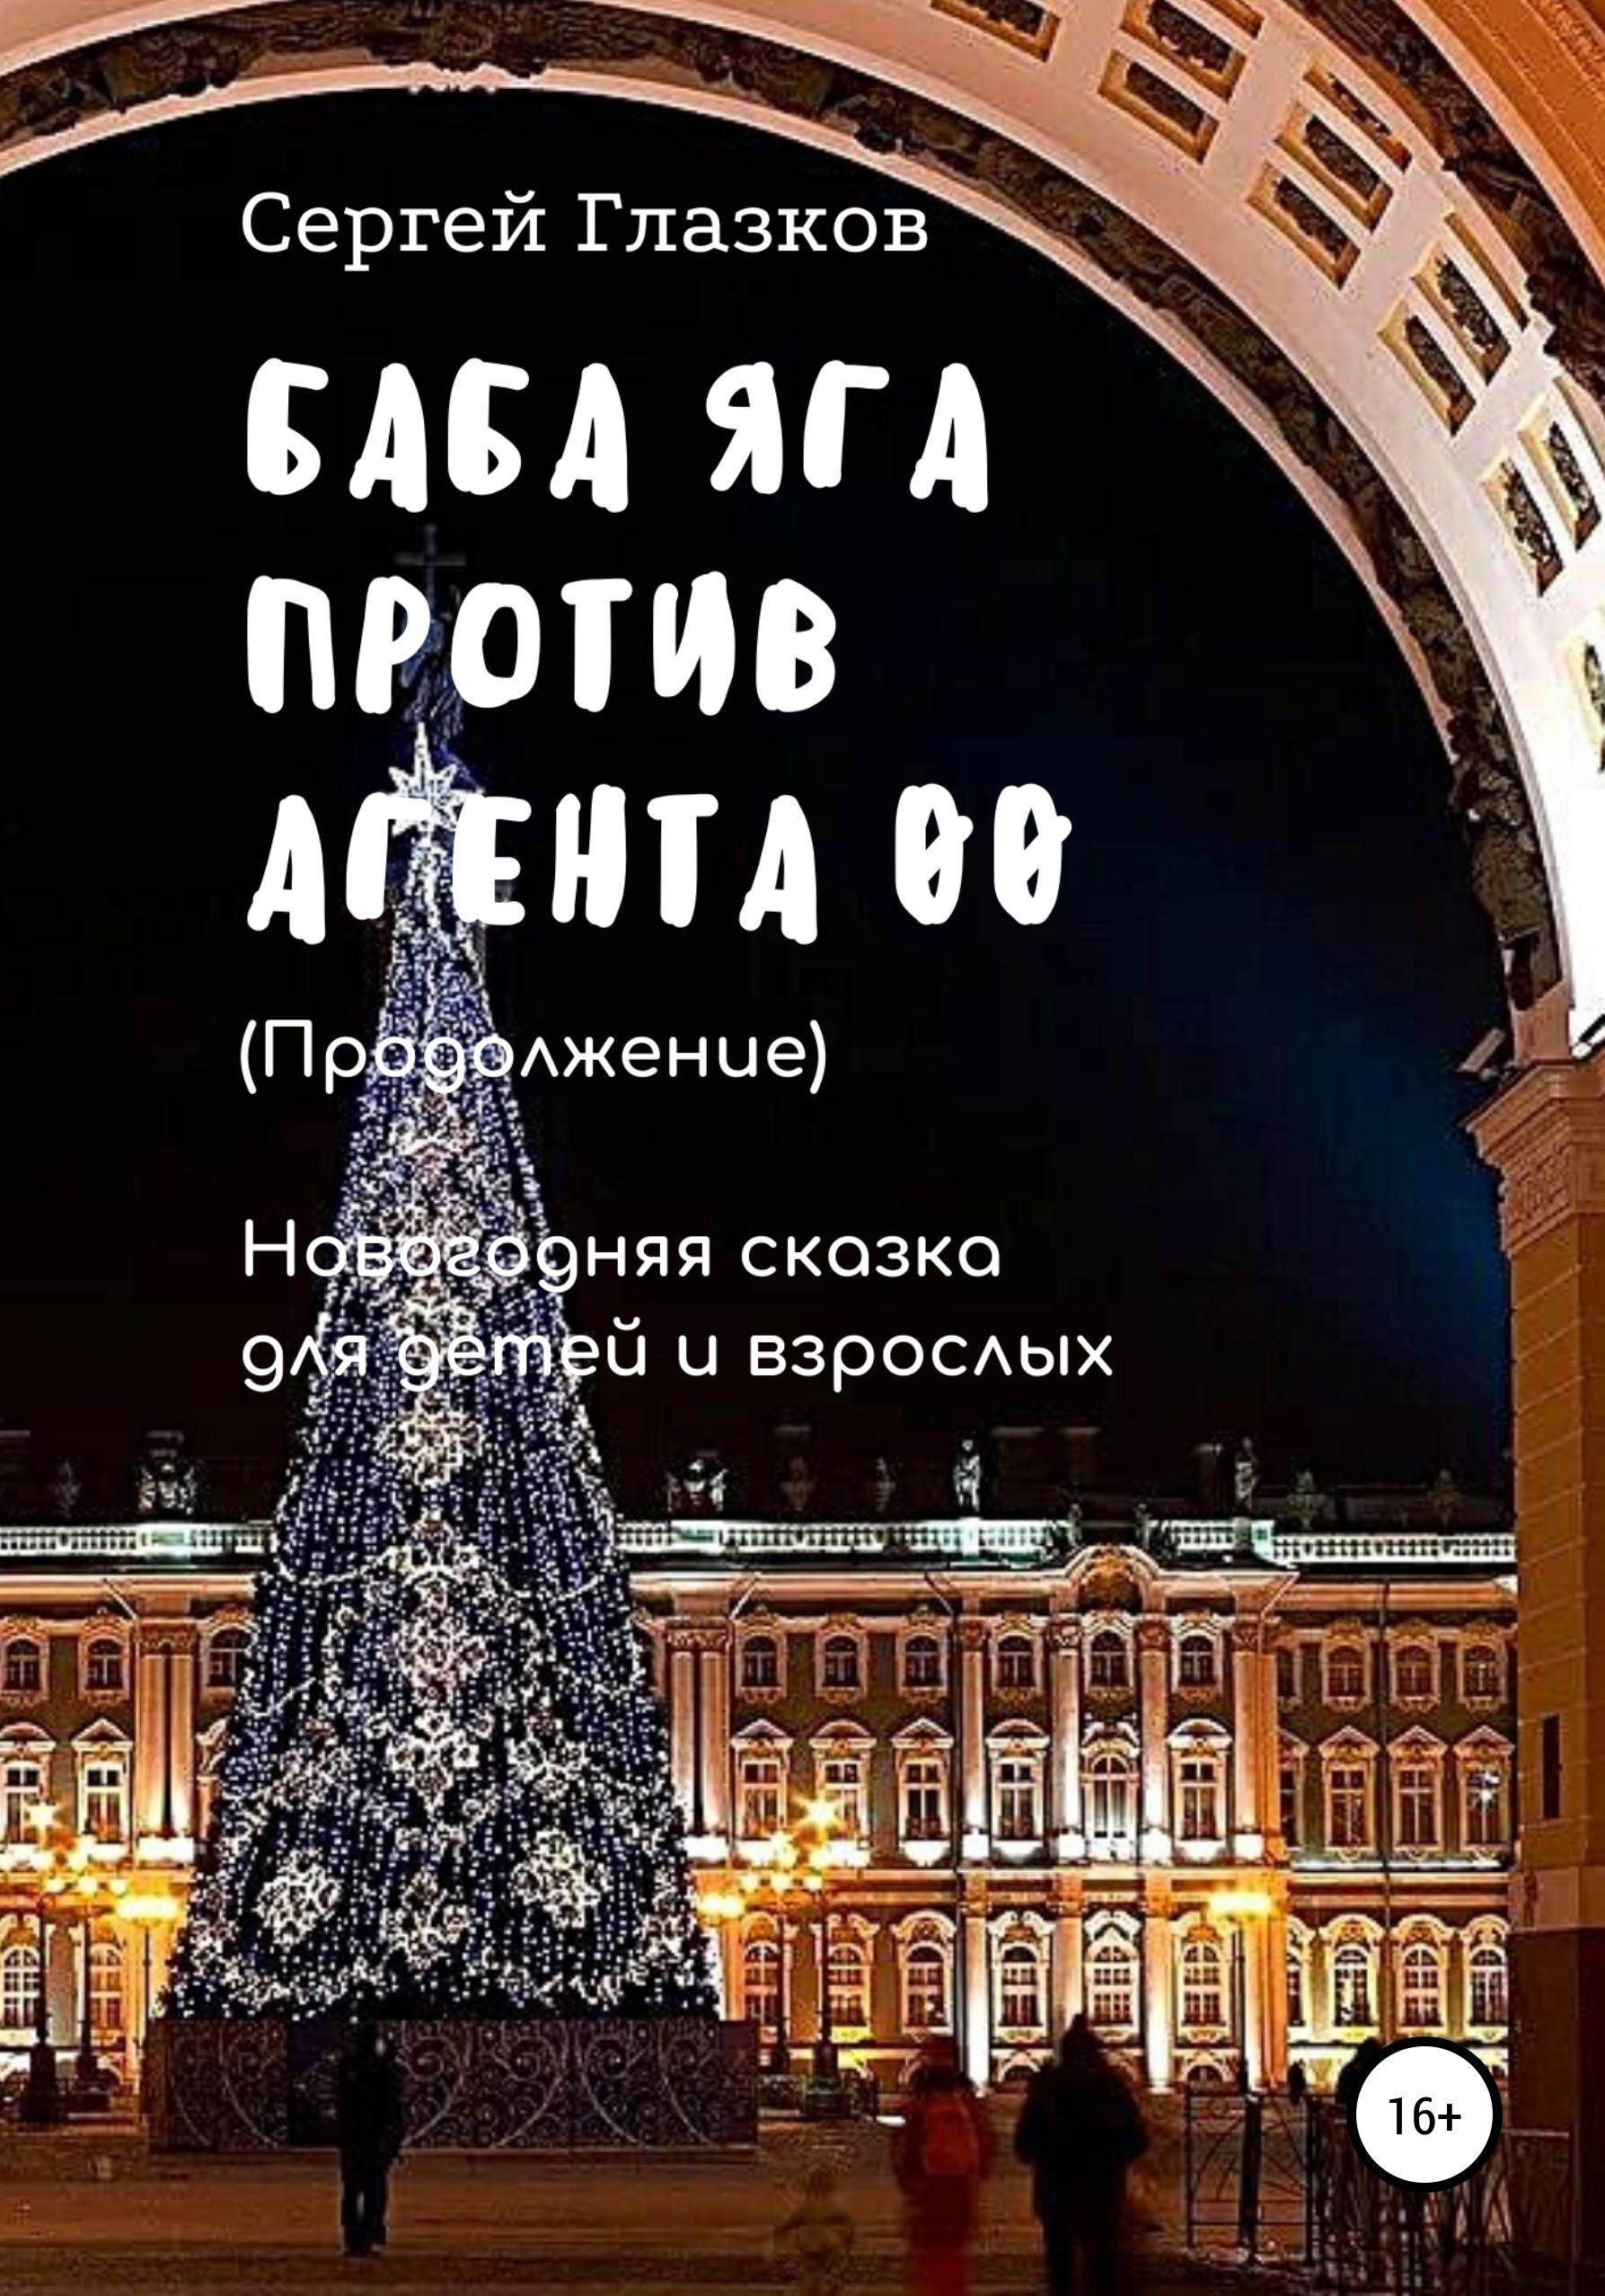 Купить книгу Баба Яга против Агента 00. Продолжение, автора Сергея Алексеевича Глазкова